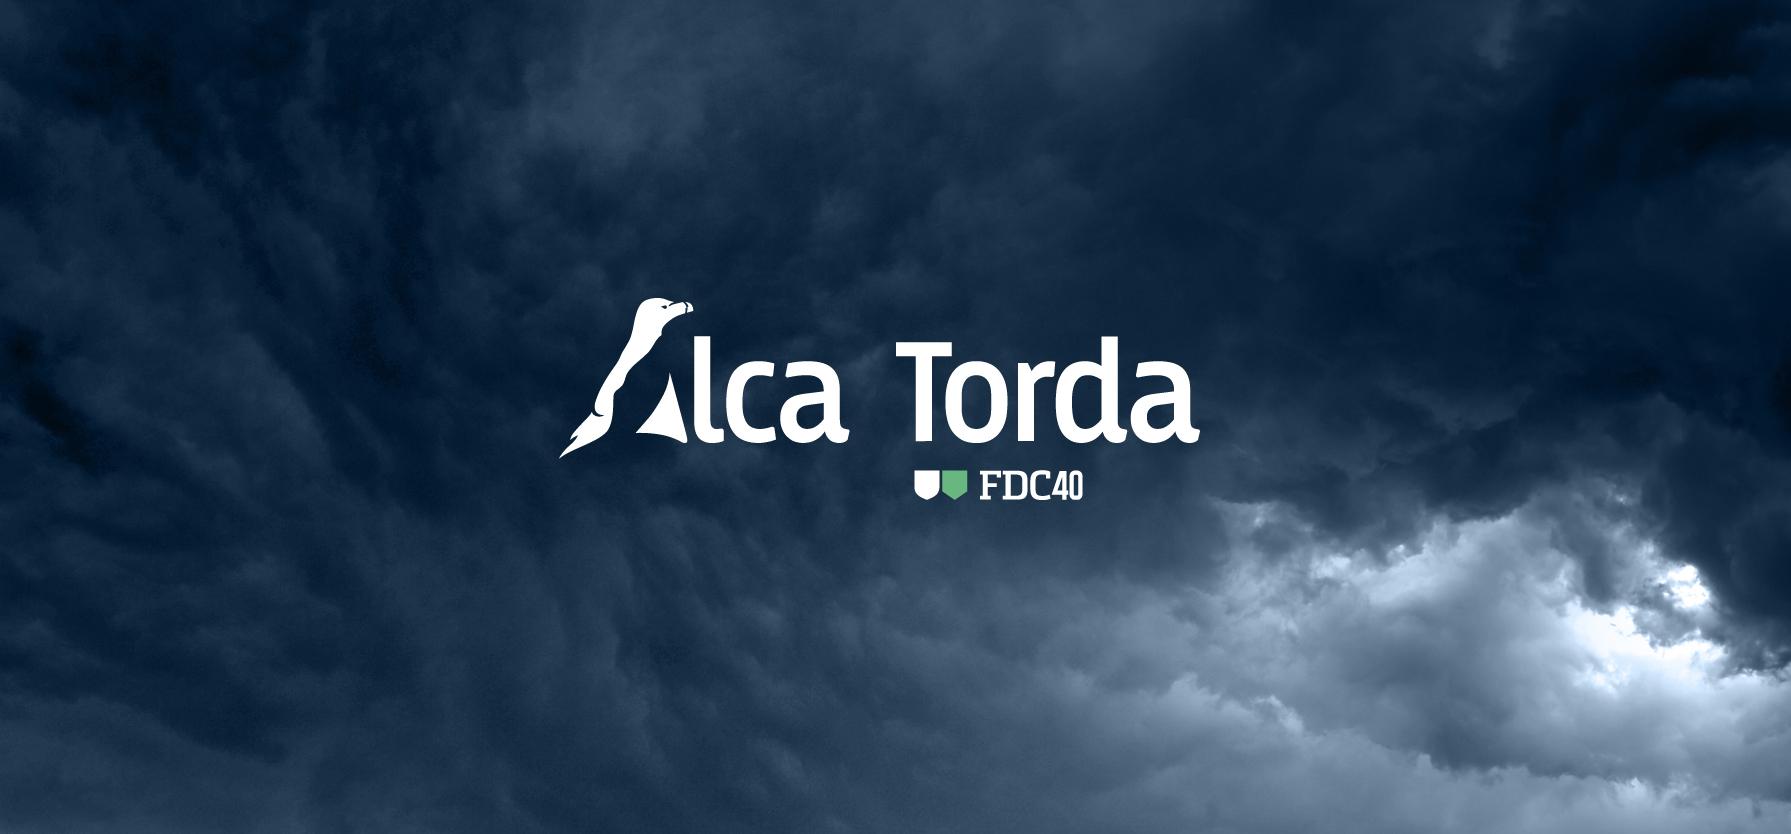 alca_torda_identite_graphique-01